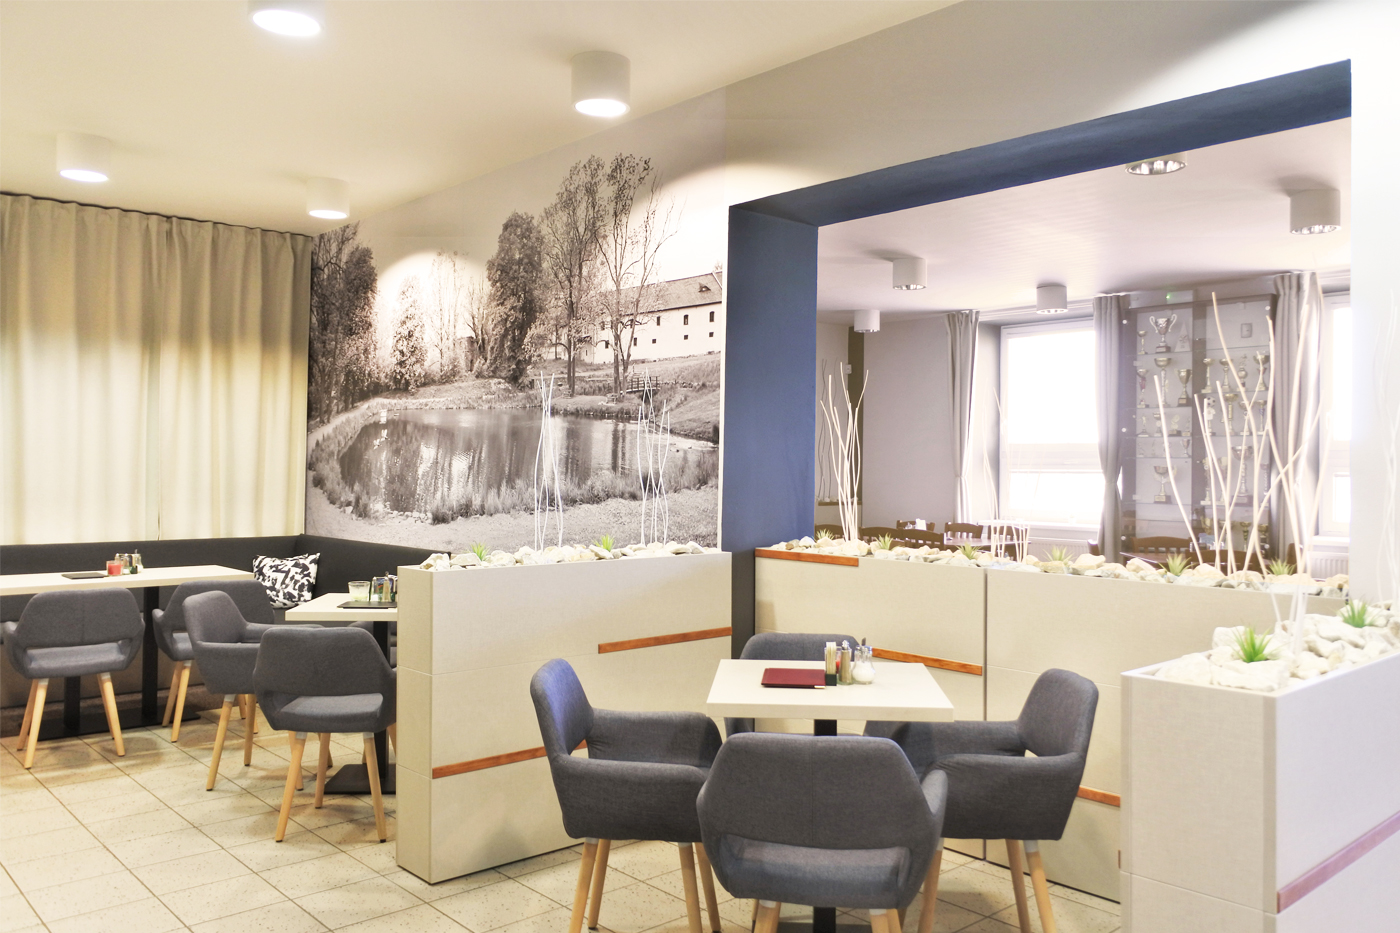 V méně využívané části vzniklo posezení kavárenského stylu oddělené vysokými truhlíky s dekorativními prvky.